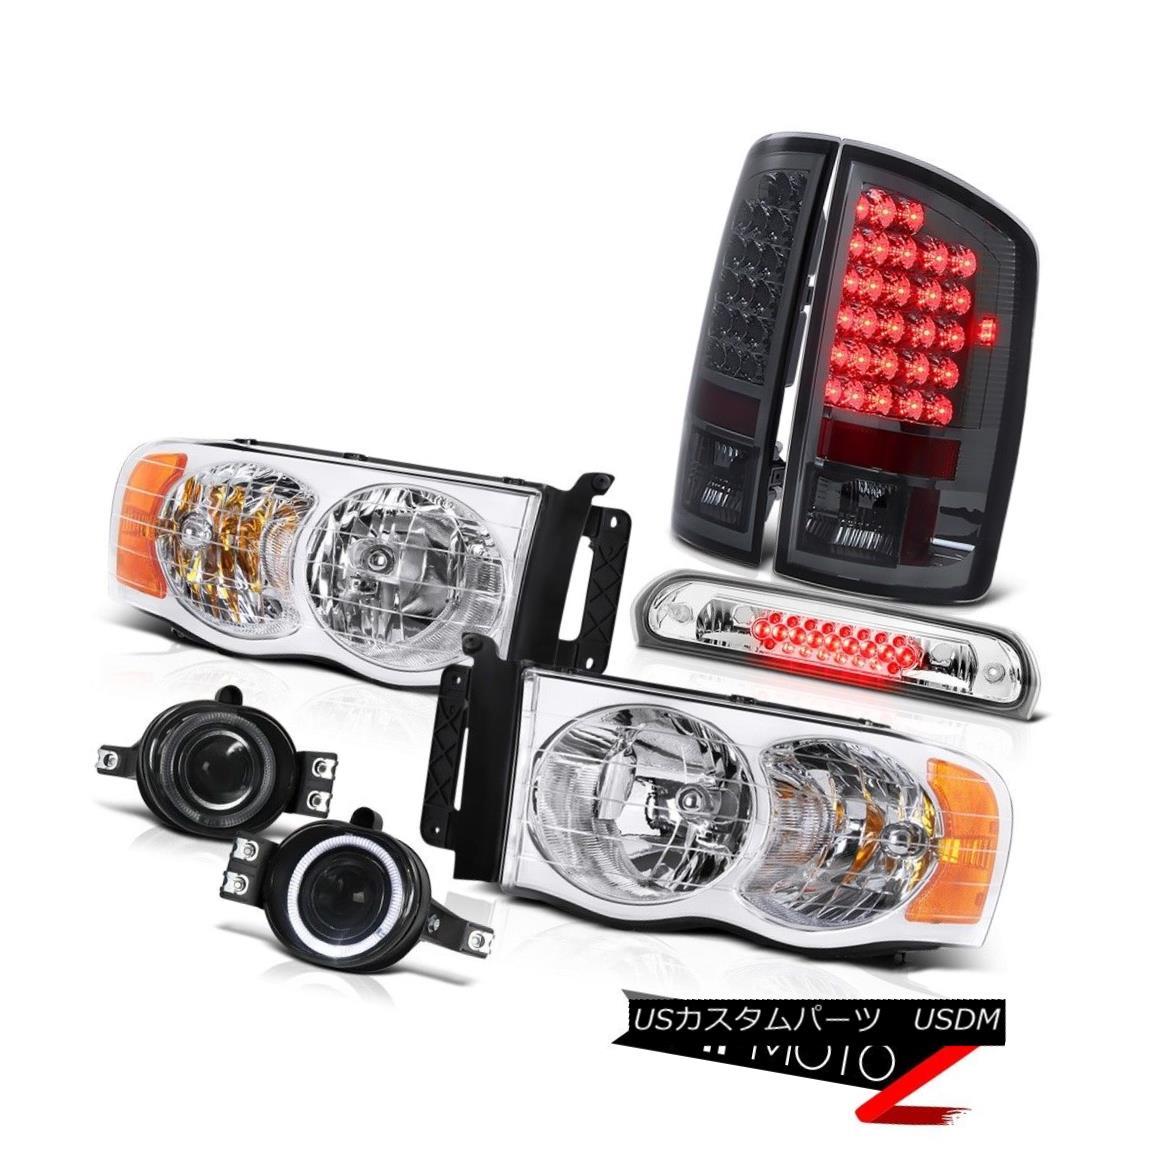 テールライト 2002-2005 Dodge Ram Factory Style Headlights Smoke LED Tail Lights Fog High Stop 2002-2005ダッジ・ラム・ファクトリー・ヘッドライトスモークLEDテールライトフォグハイストップ